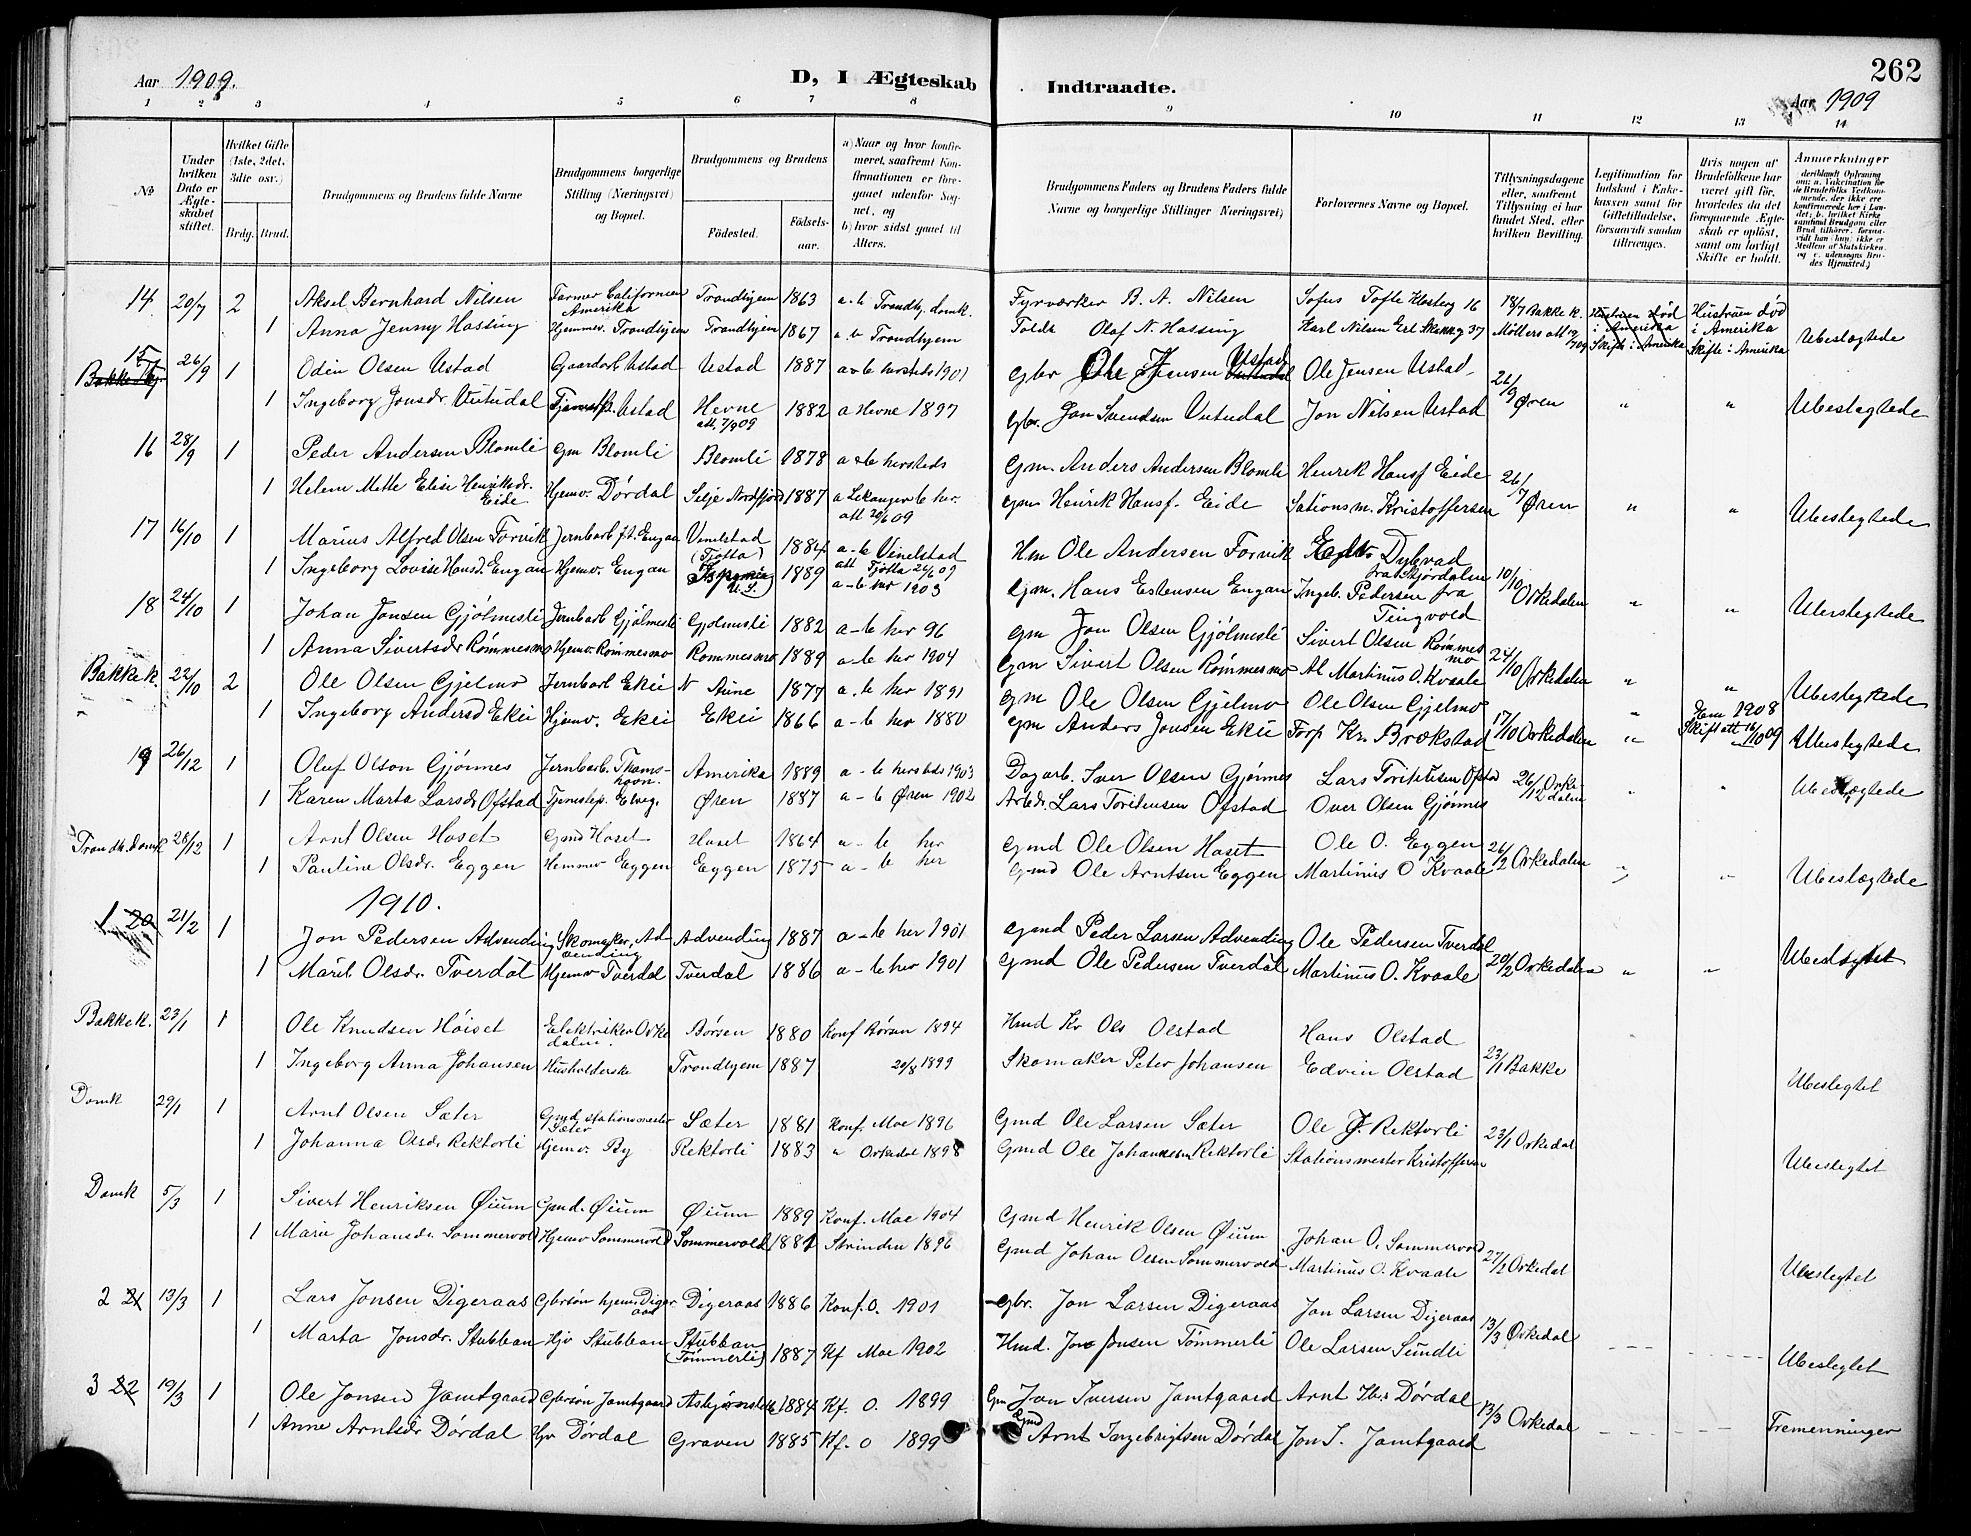 SAT, Ministerialprotokoller, klokkerbøker og fødselsregistre - Sør-Trøndelag, 668/L0819: Klokkerbok nr. 668C08, 1899-1912, s. 262